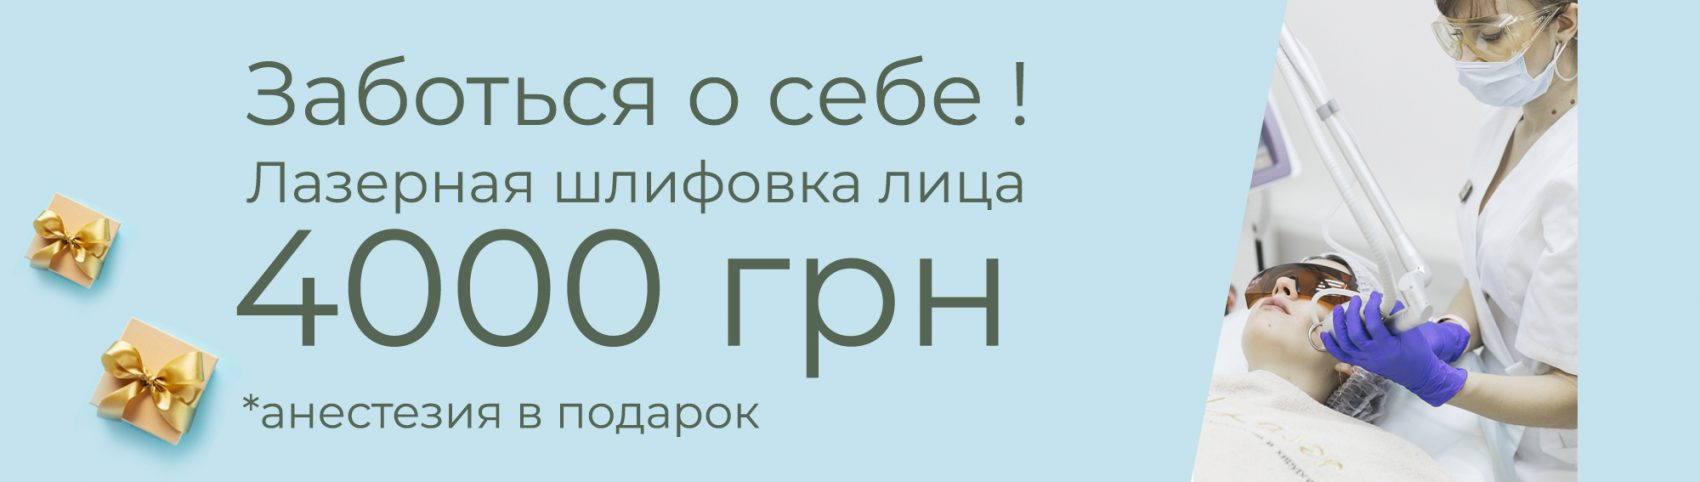 Слайдер СО2